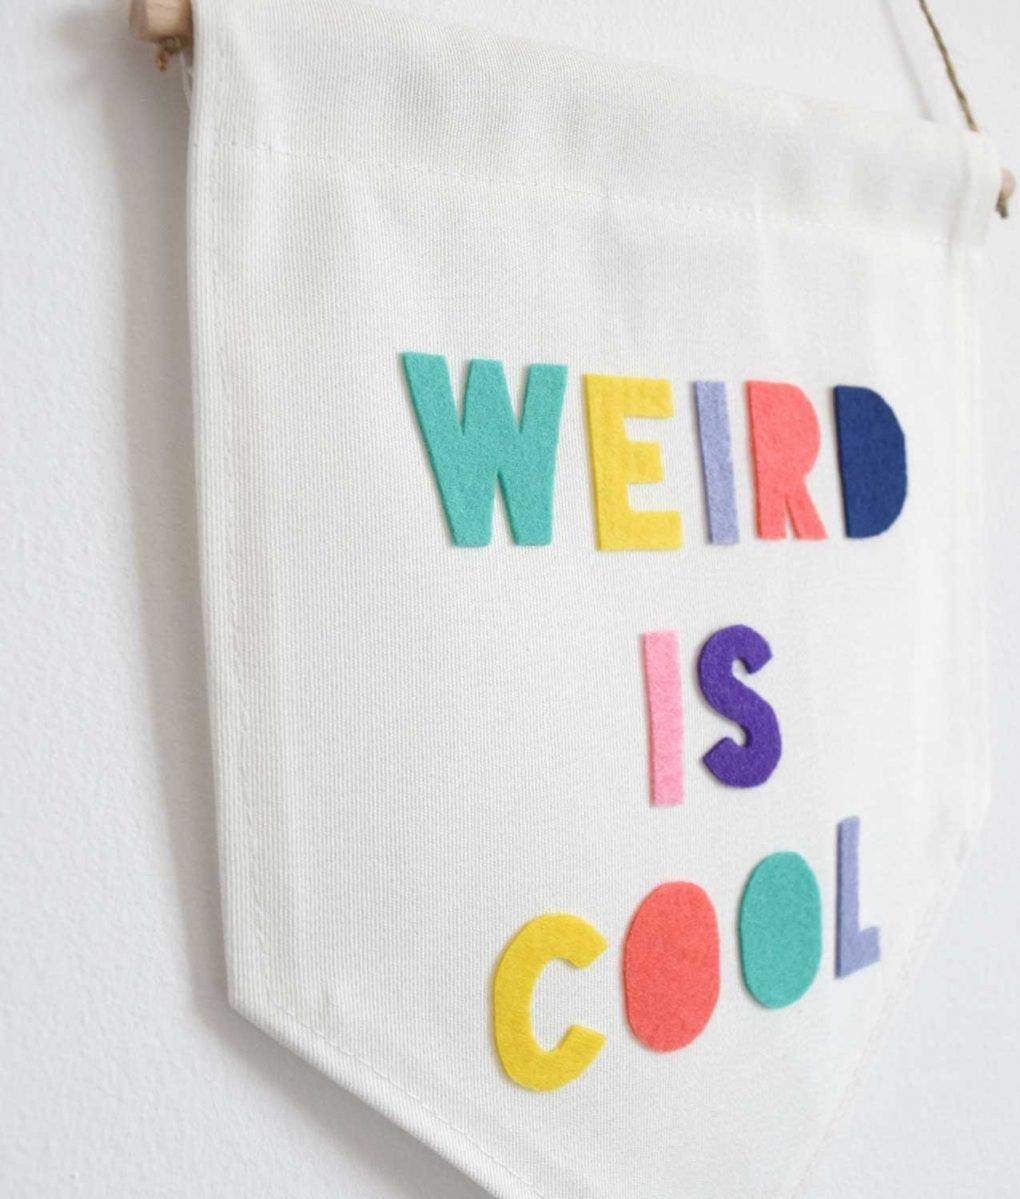 weird is cool